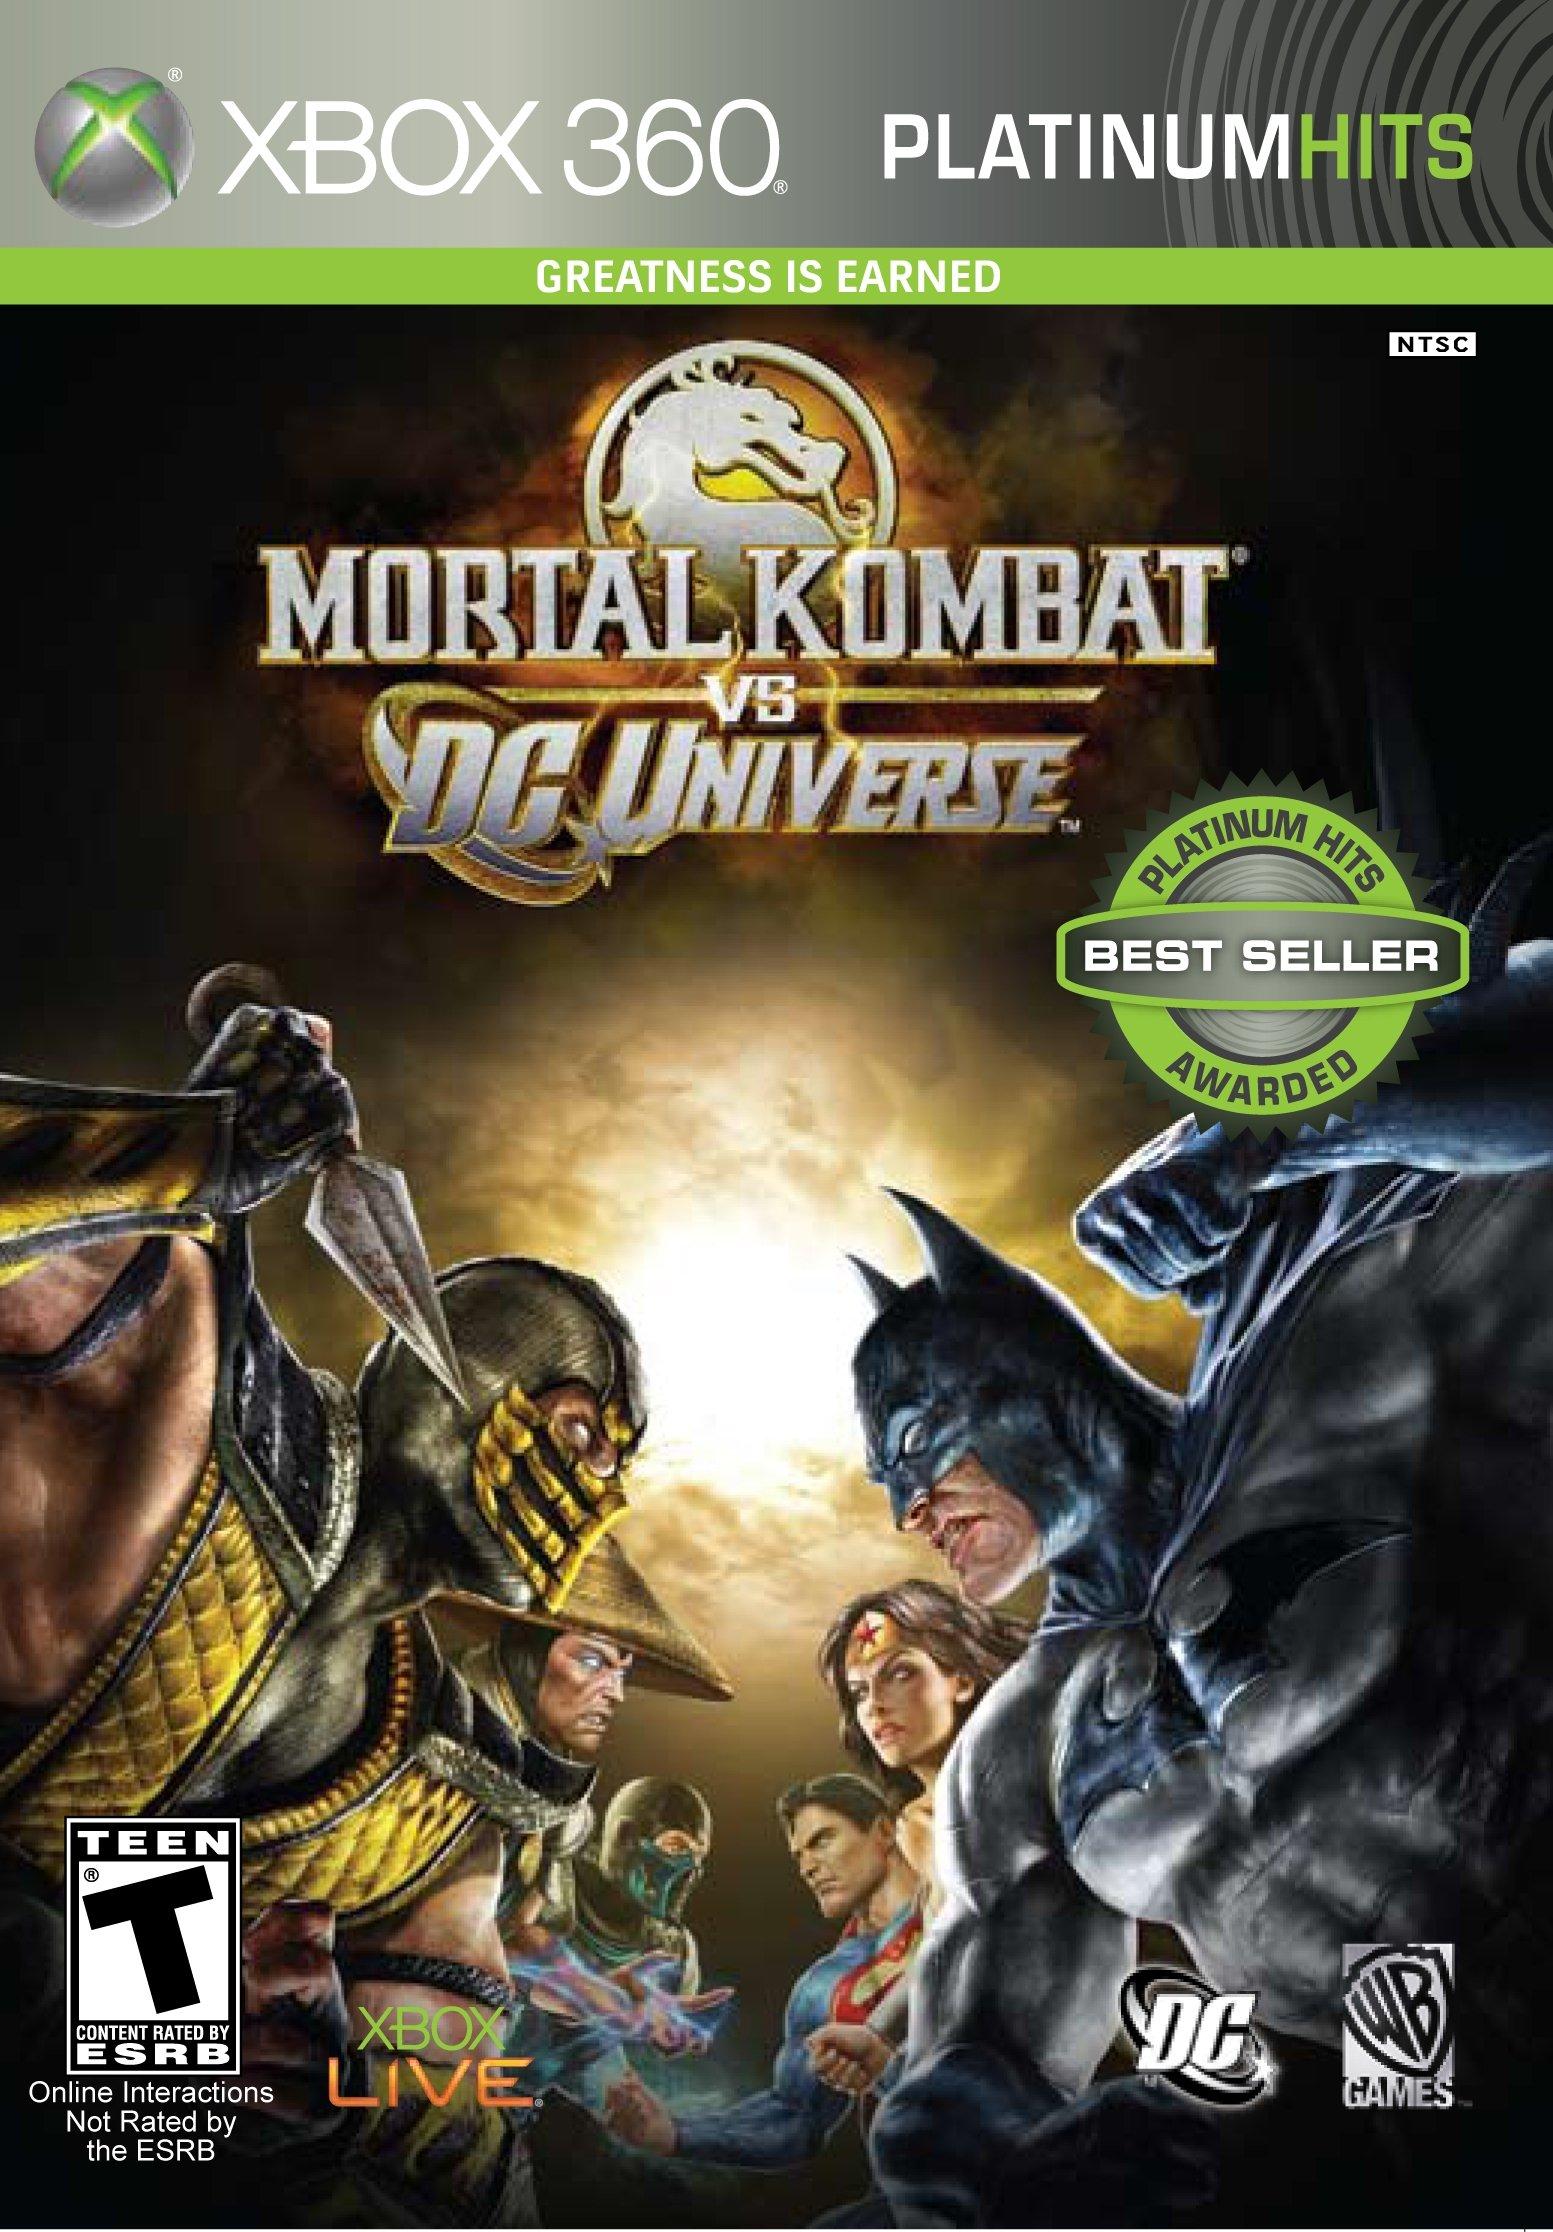 Mortal Kombat vs. DC Universe - Xbox 360 by Midway (Image #1)